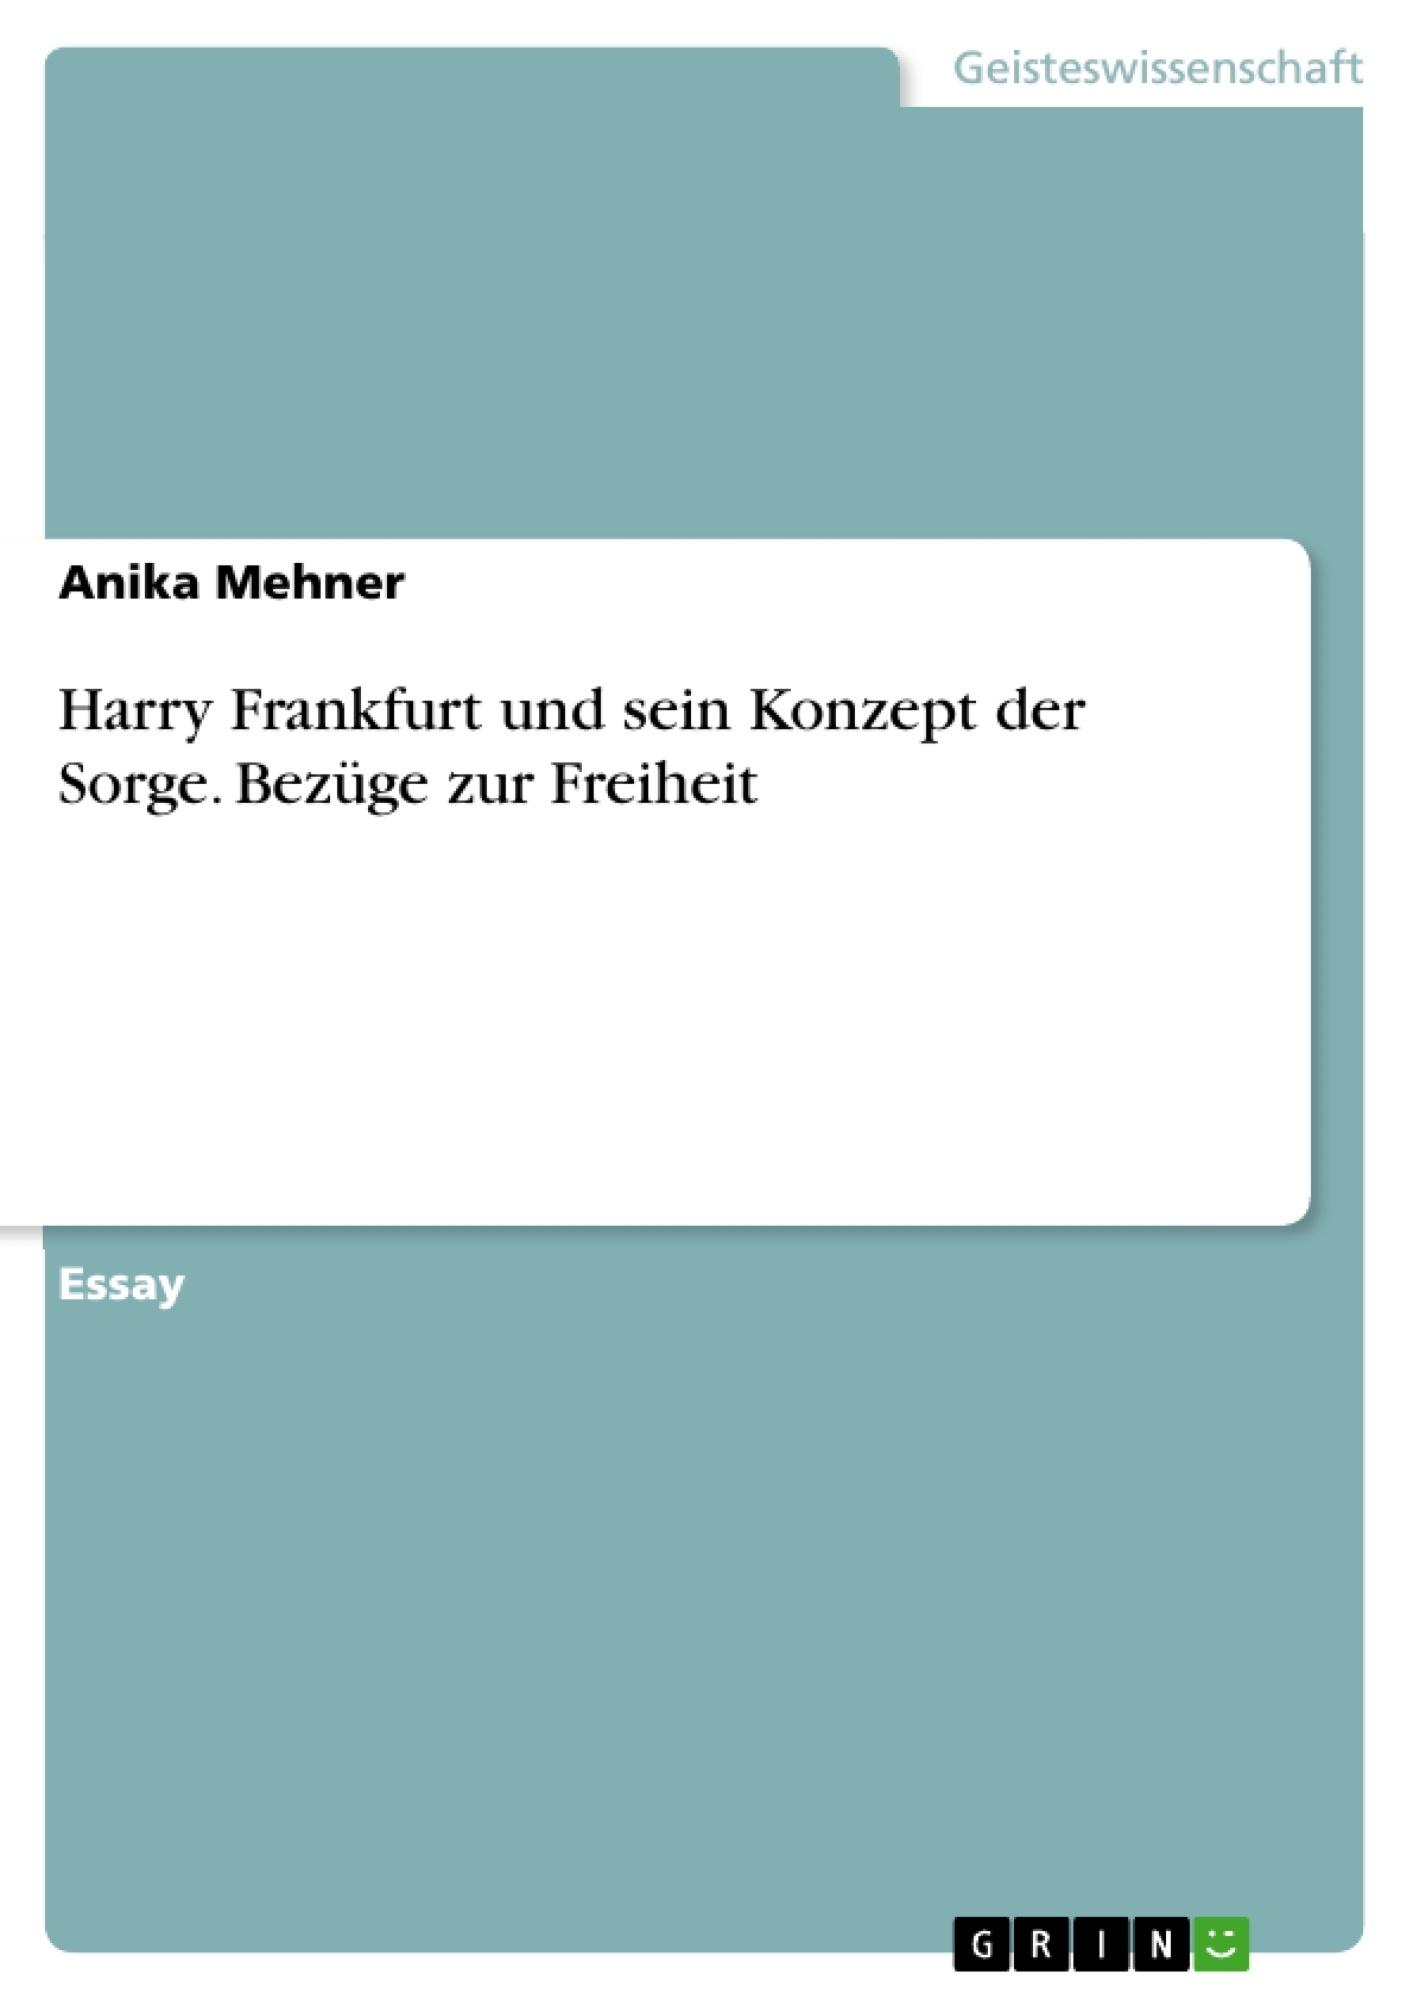 Titel: Harry Frankfurt und sein Konzept der Sorge. Bezüge zur Freiheit